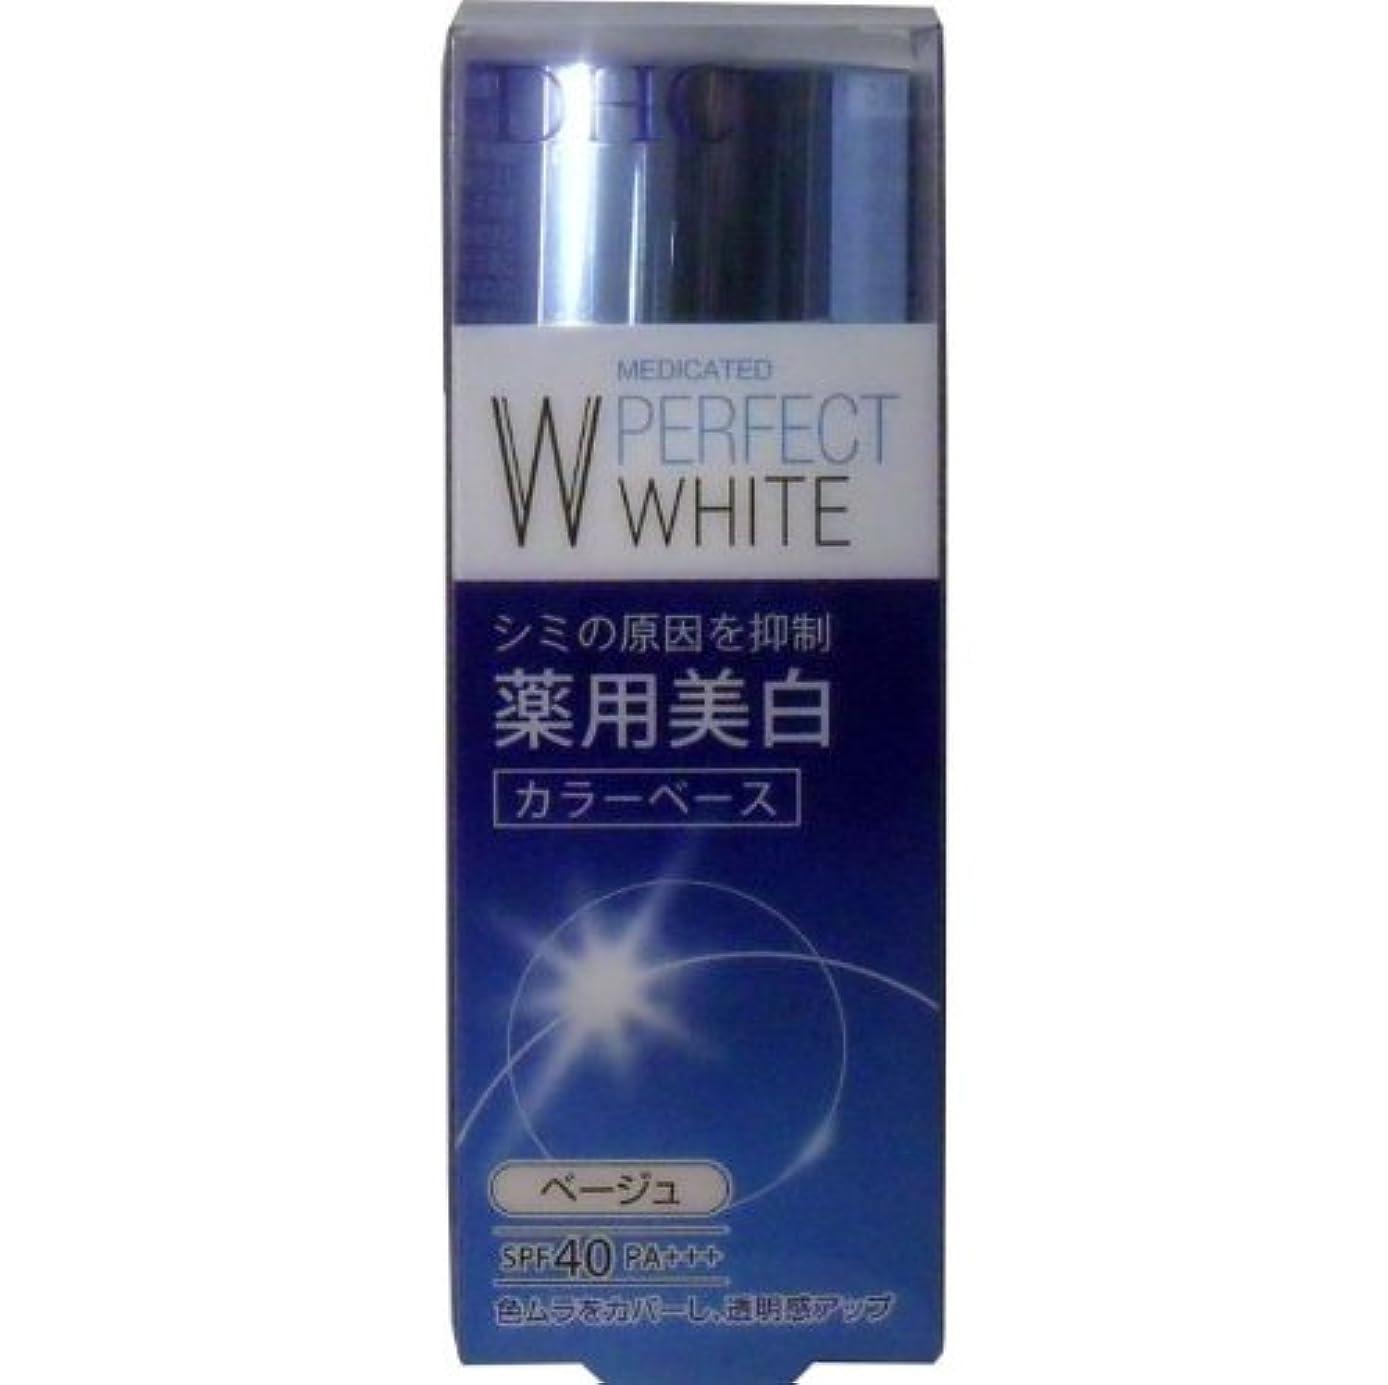 受粉する批判的に息を切らしてDHC 薬用美白パーフェクトホワイト カラーベース ベージュ 30g